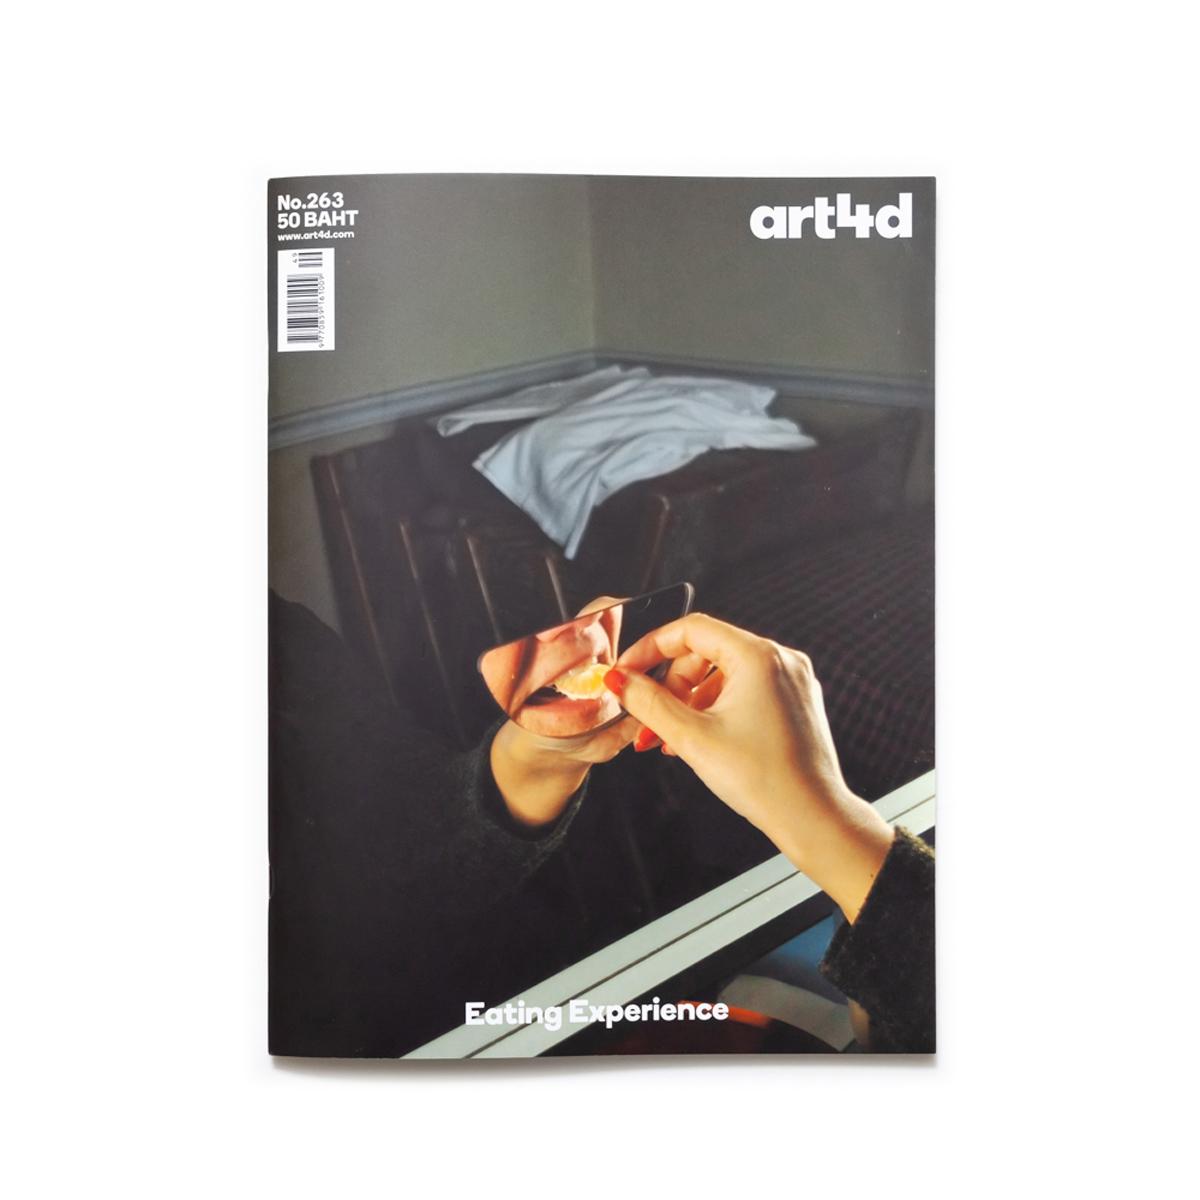 art4d